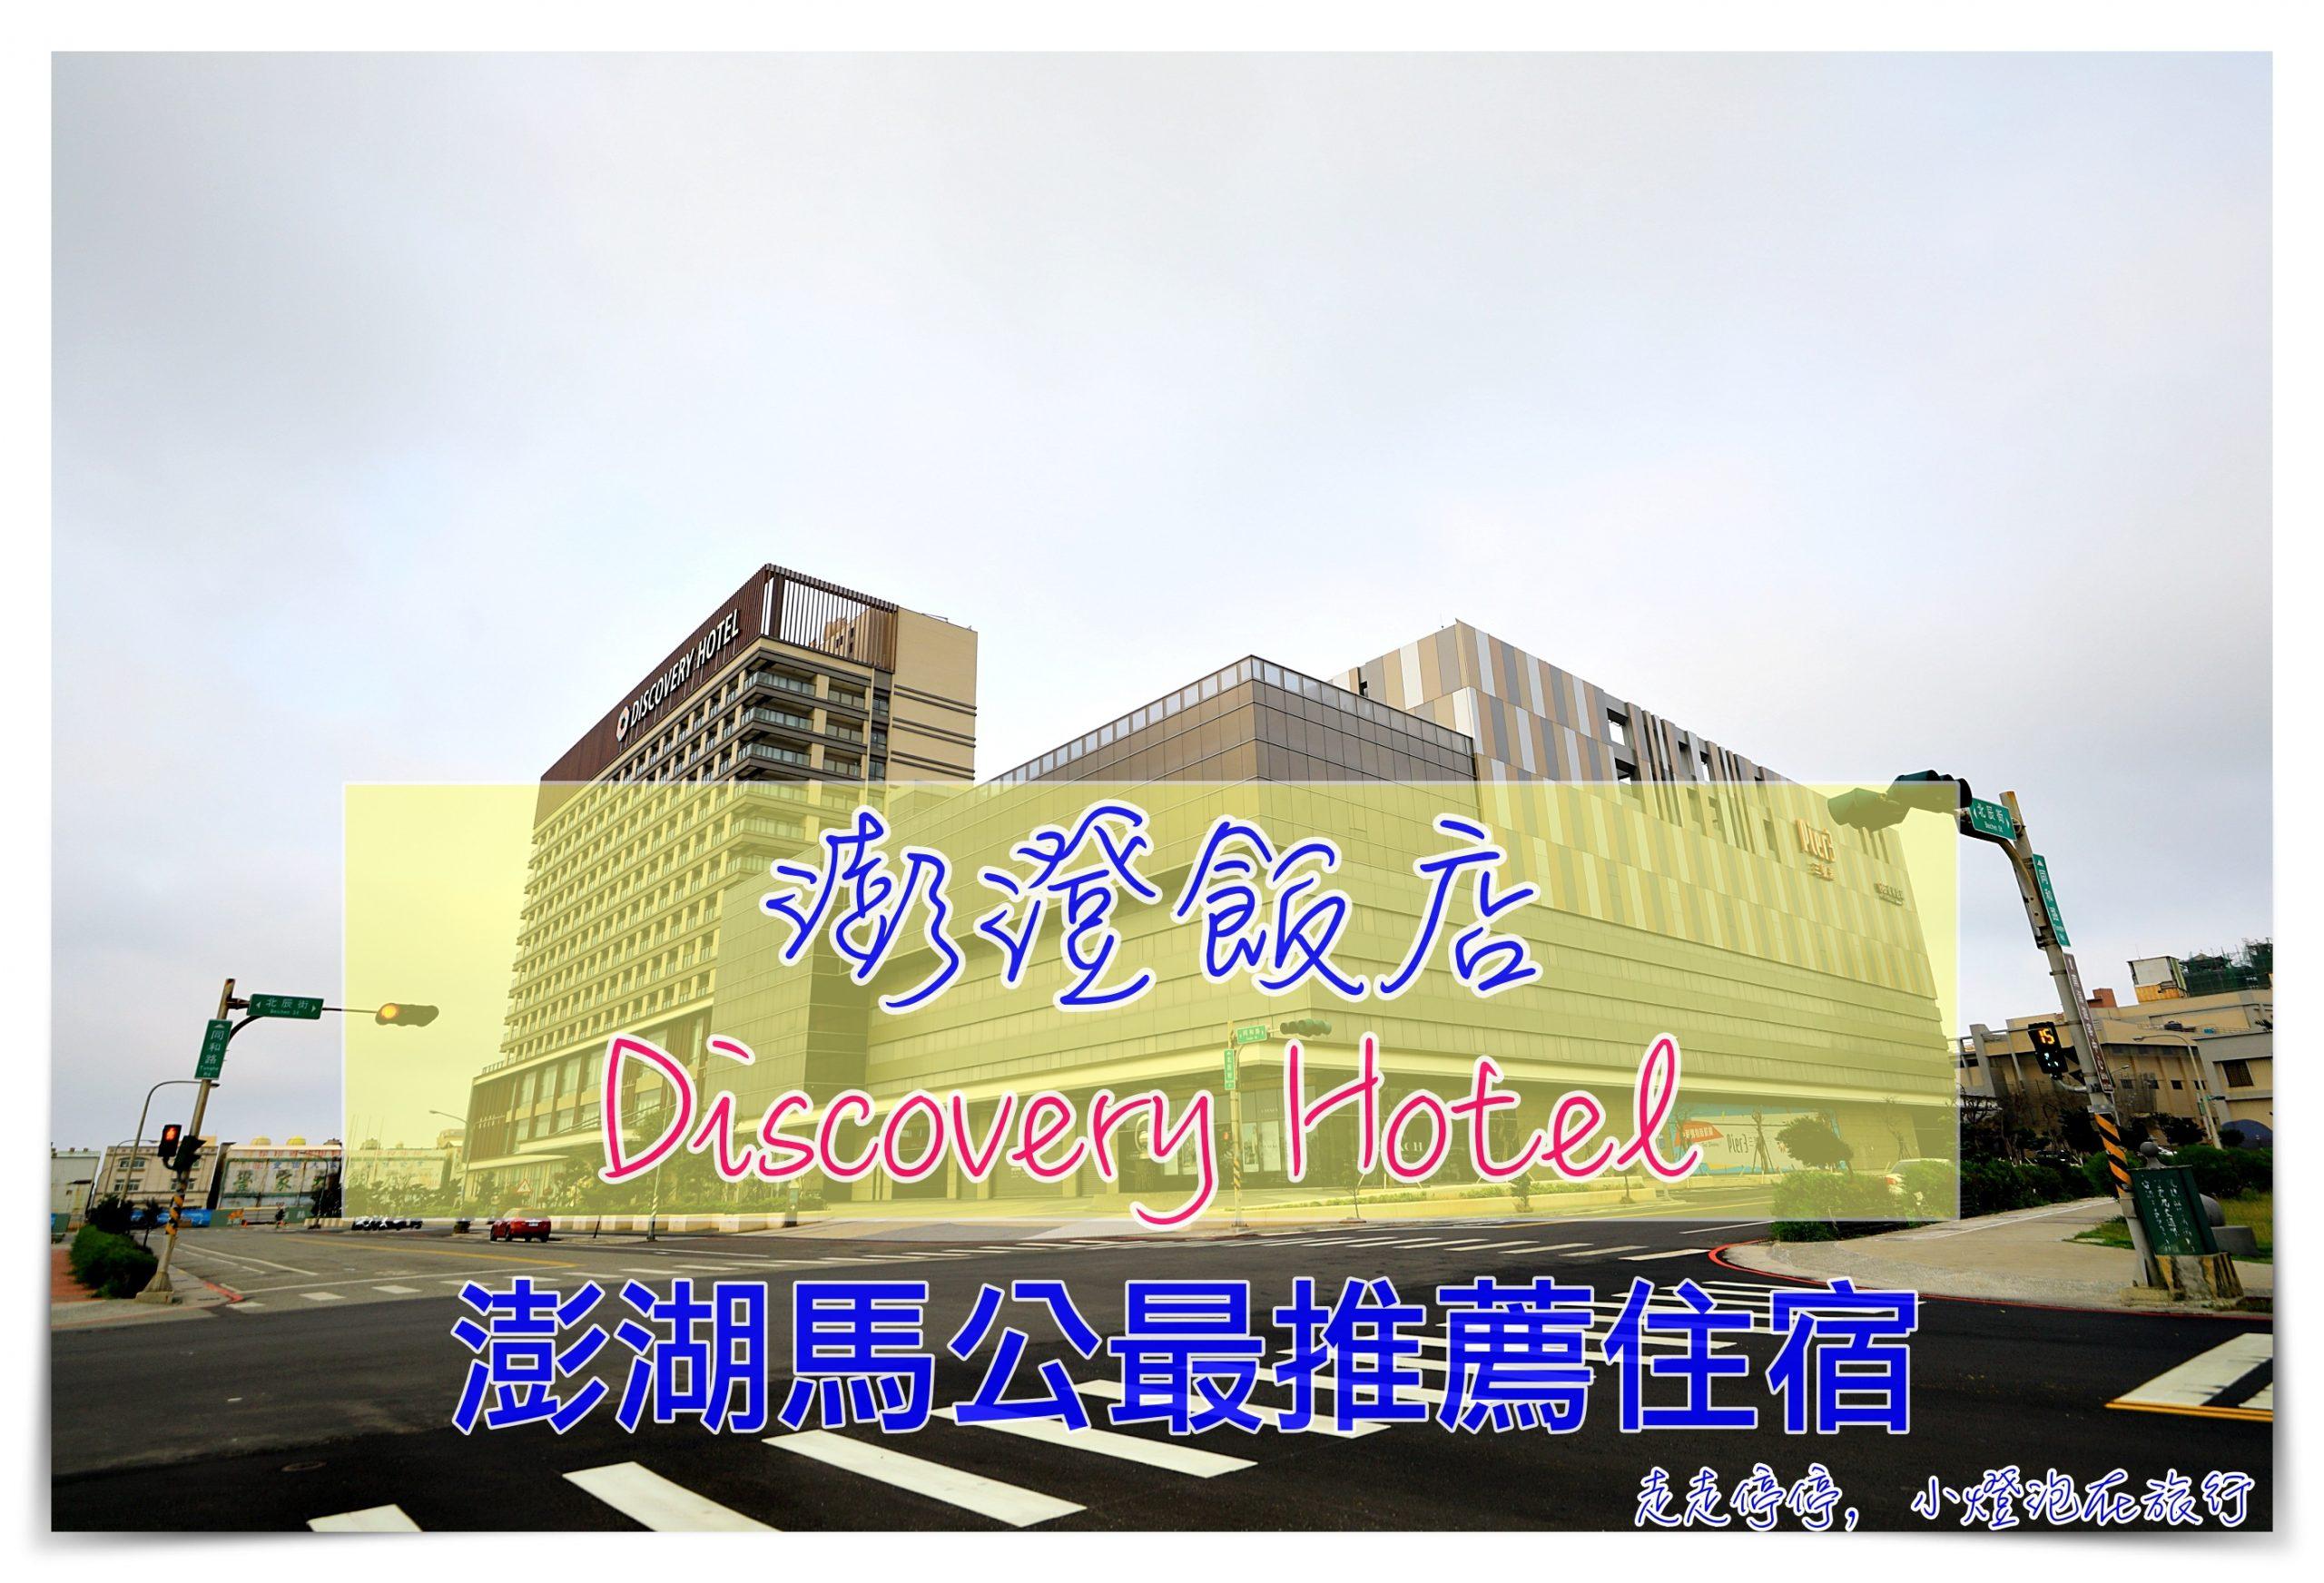 即時熱門文章:澎澄飯店Discovery Hotel|服務貼心、餐點好吃、住宿舒適、設施優選、昇恆昌pire3三號港購物中心